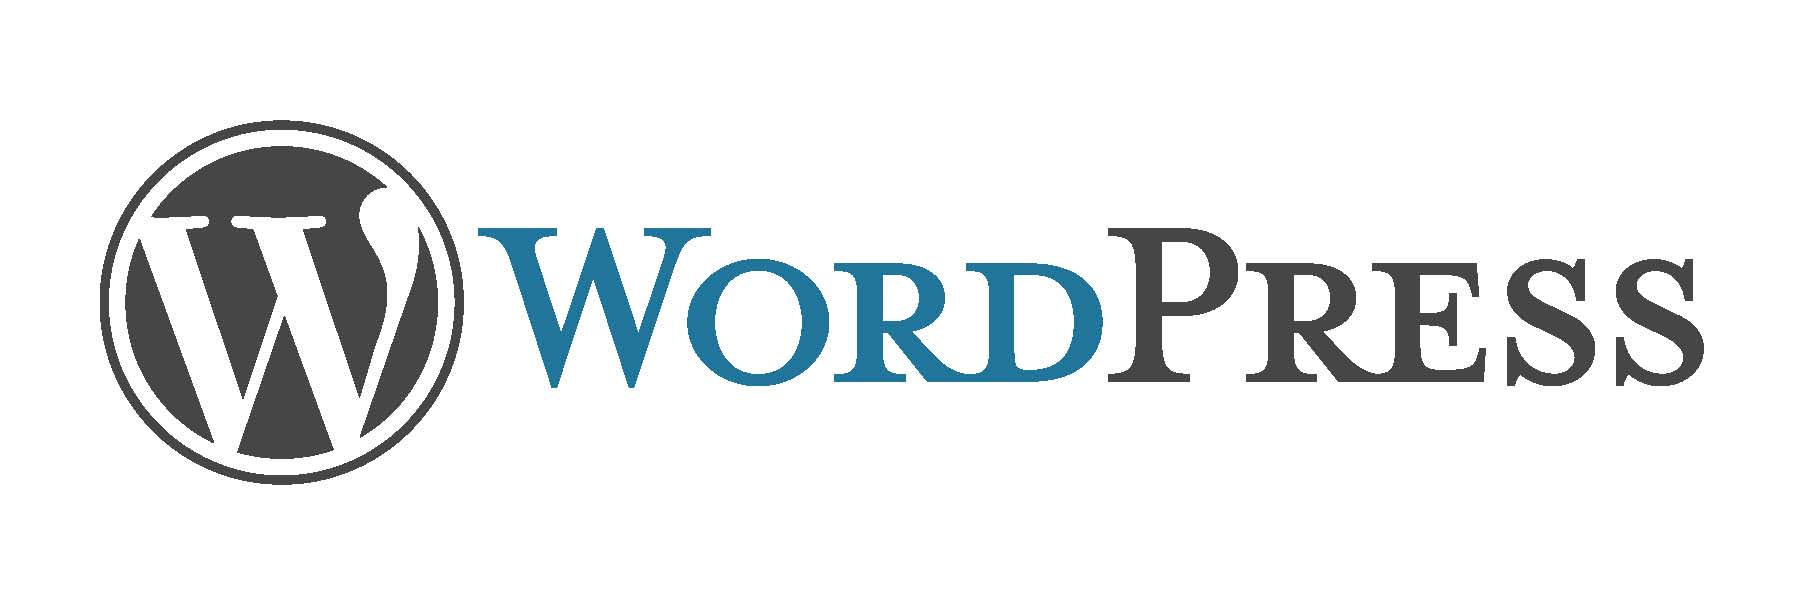 WordPress : thème payant ou thème gratuit ?